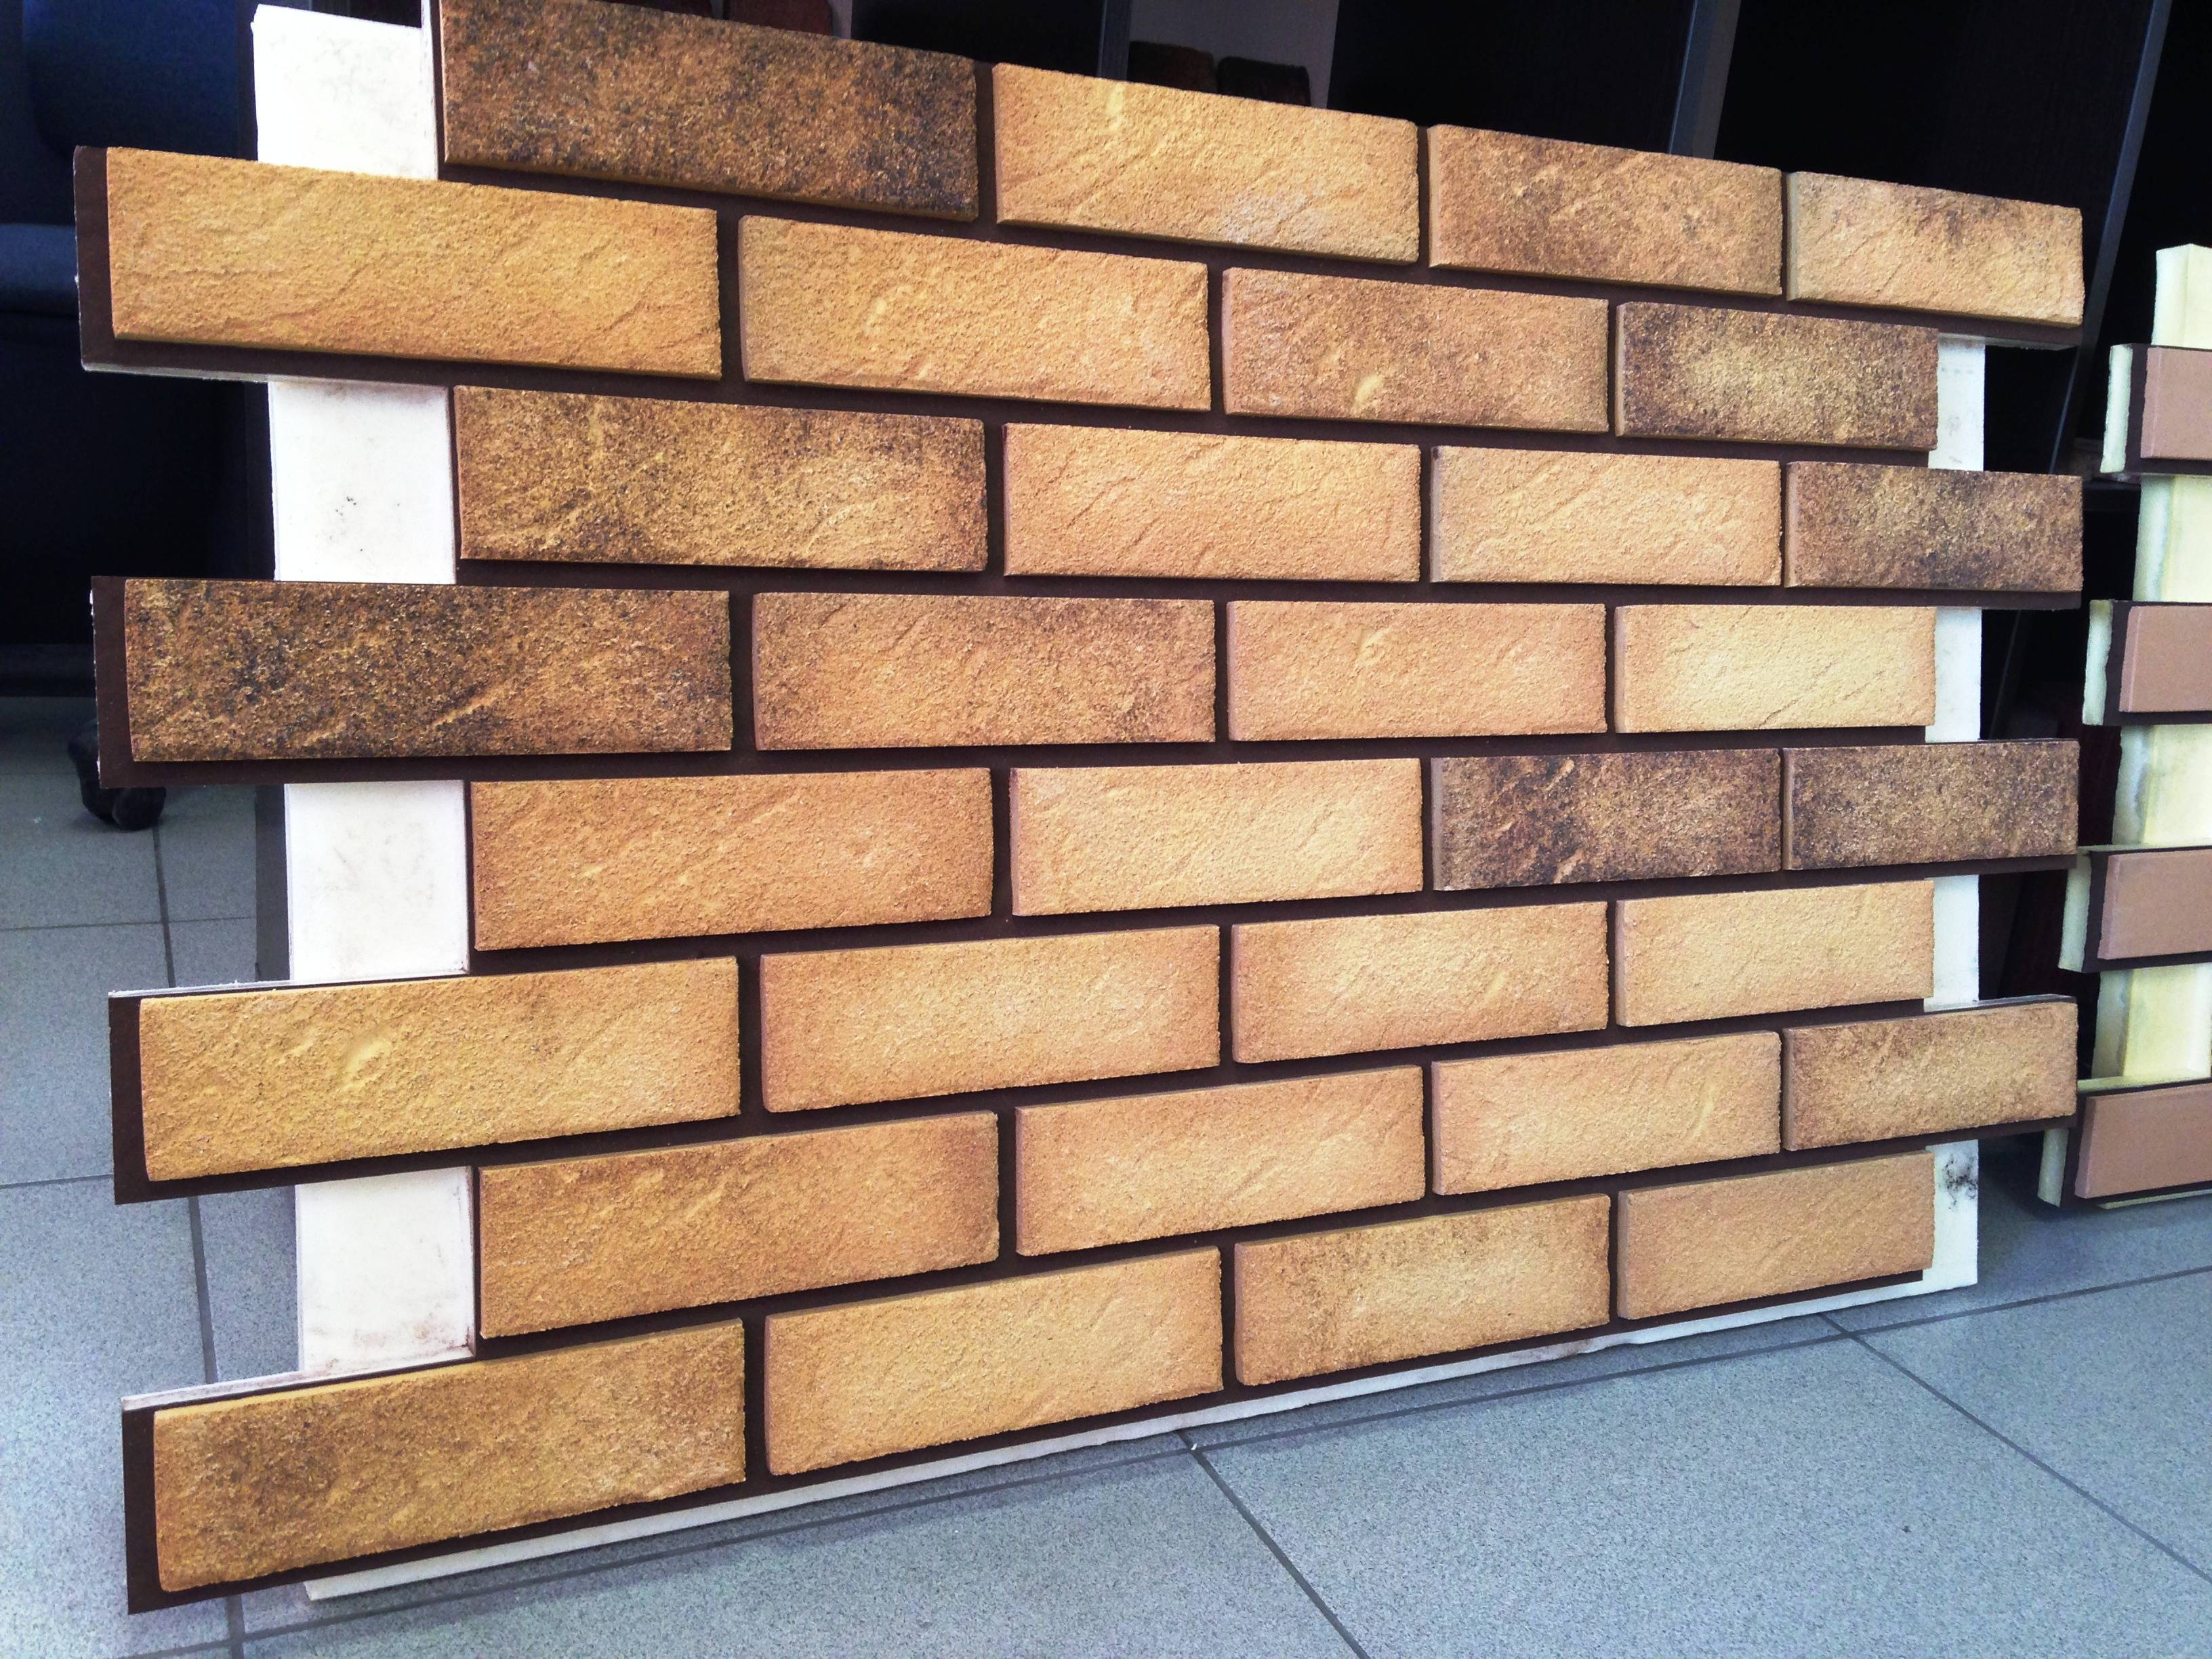 Фасадные панели под камень (40 фото): материал для отделки фундамента дома снаружи, характеристики сырья для внешней обшивки фасада, примеры в наружной облицовке